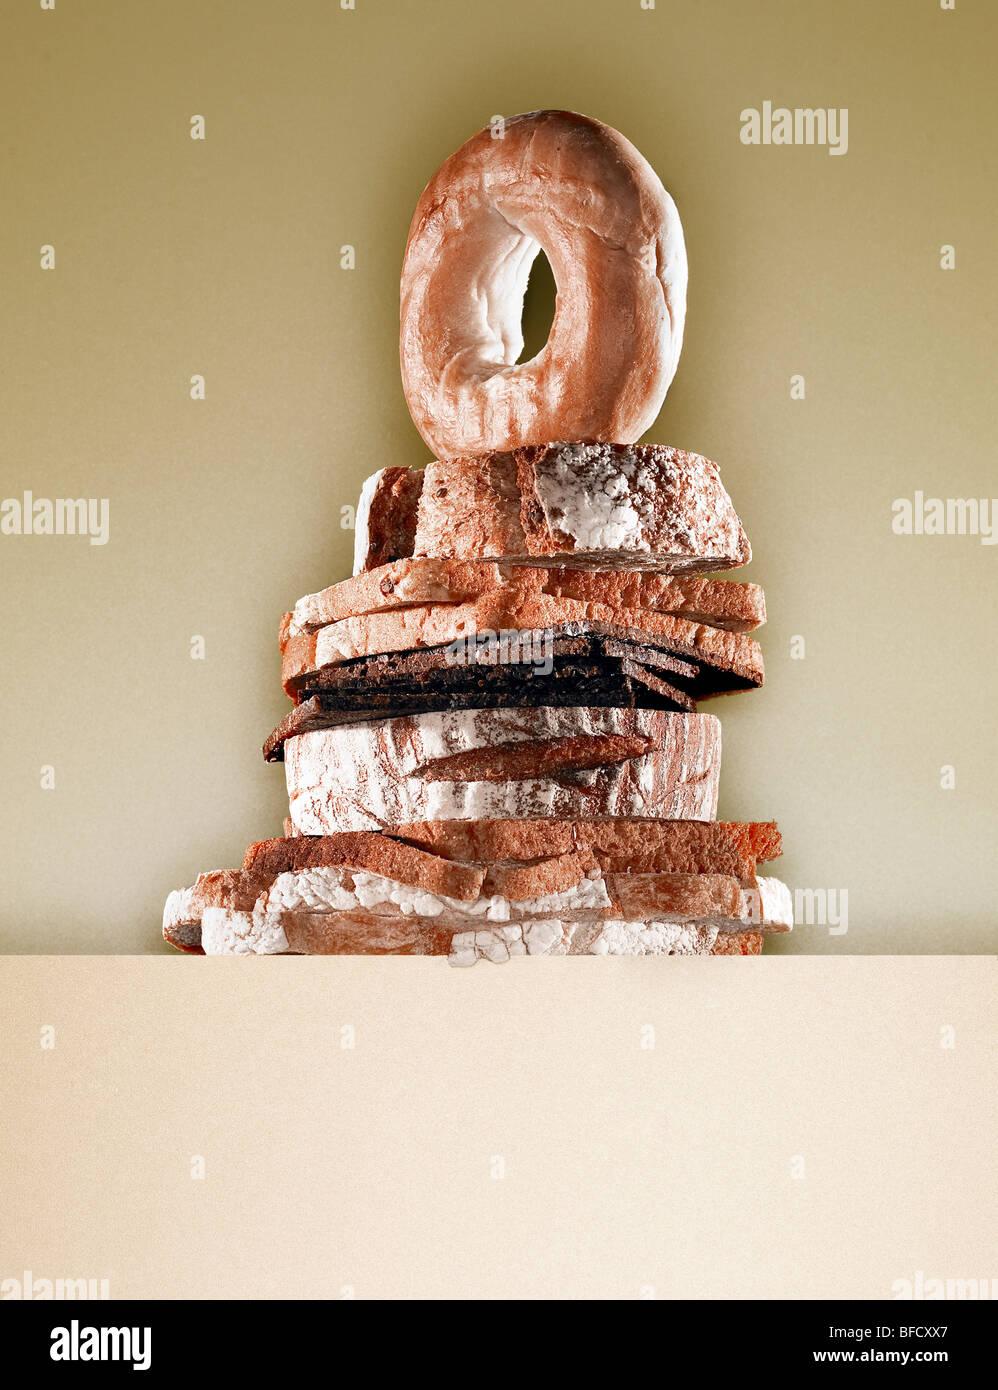 Brot, sieben verschiedene gesunde Brotsorten verwendet für die Herstellung von Sandwiches. Stockbild